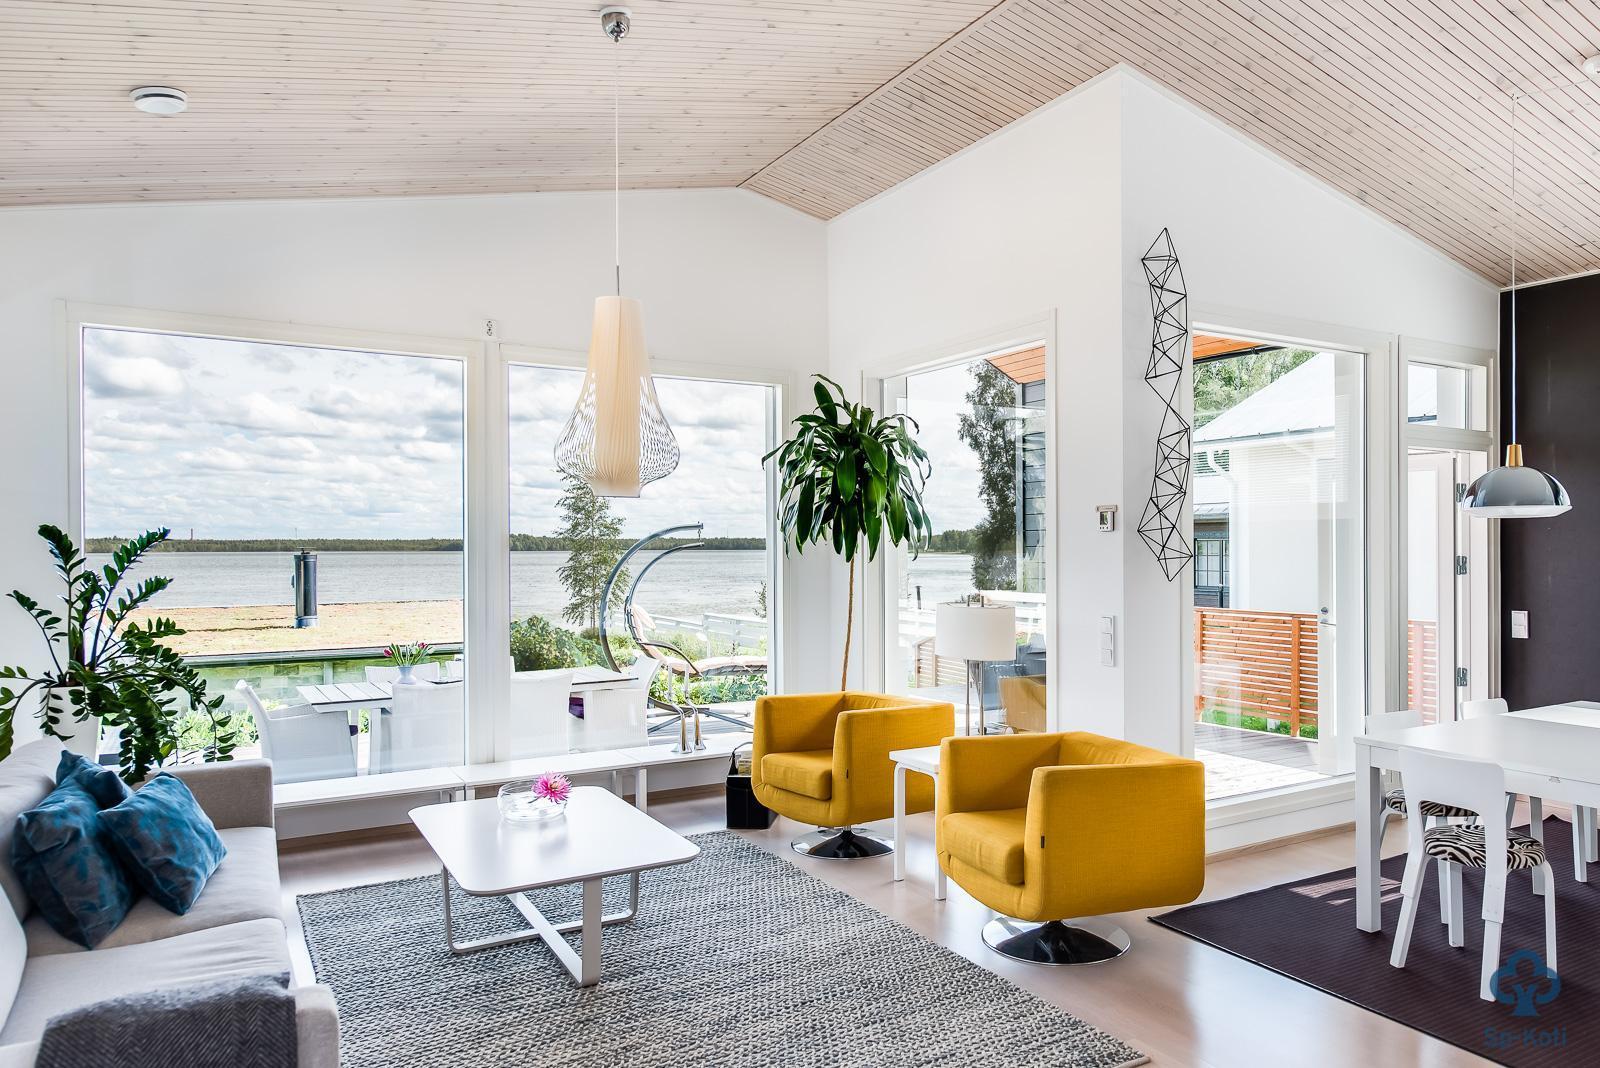 Keltaiset nojatuolit olohuoneen väripilkkuna  Etuovi com Ideat & vinkit